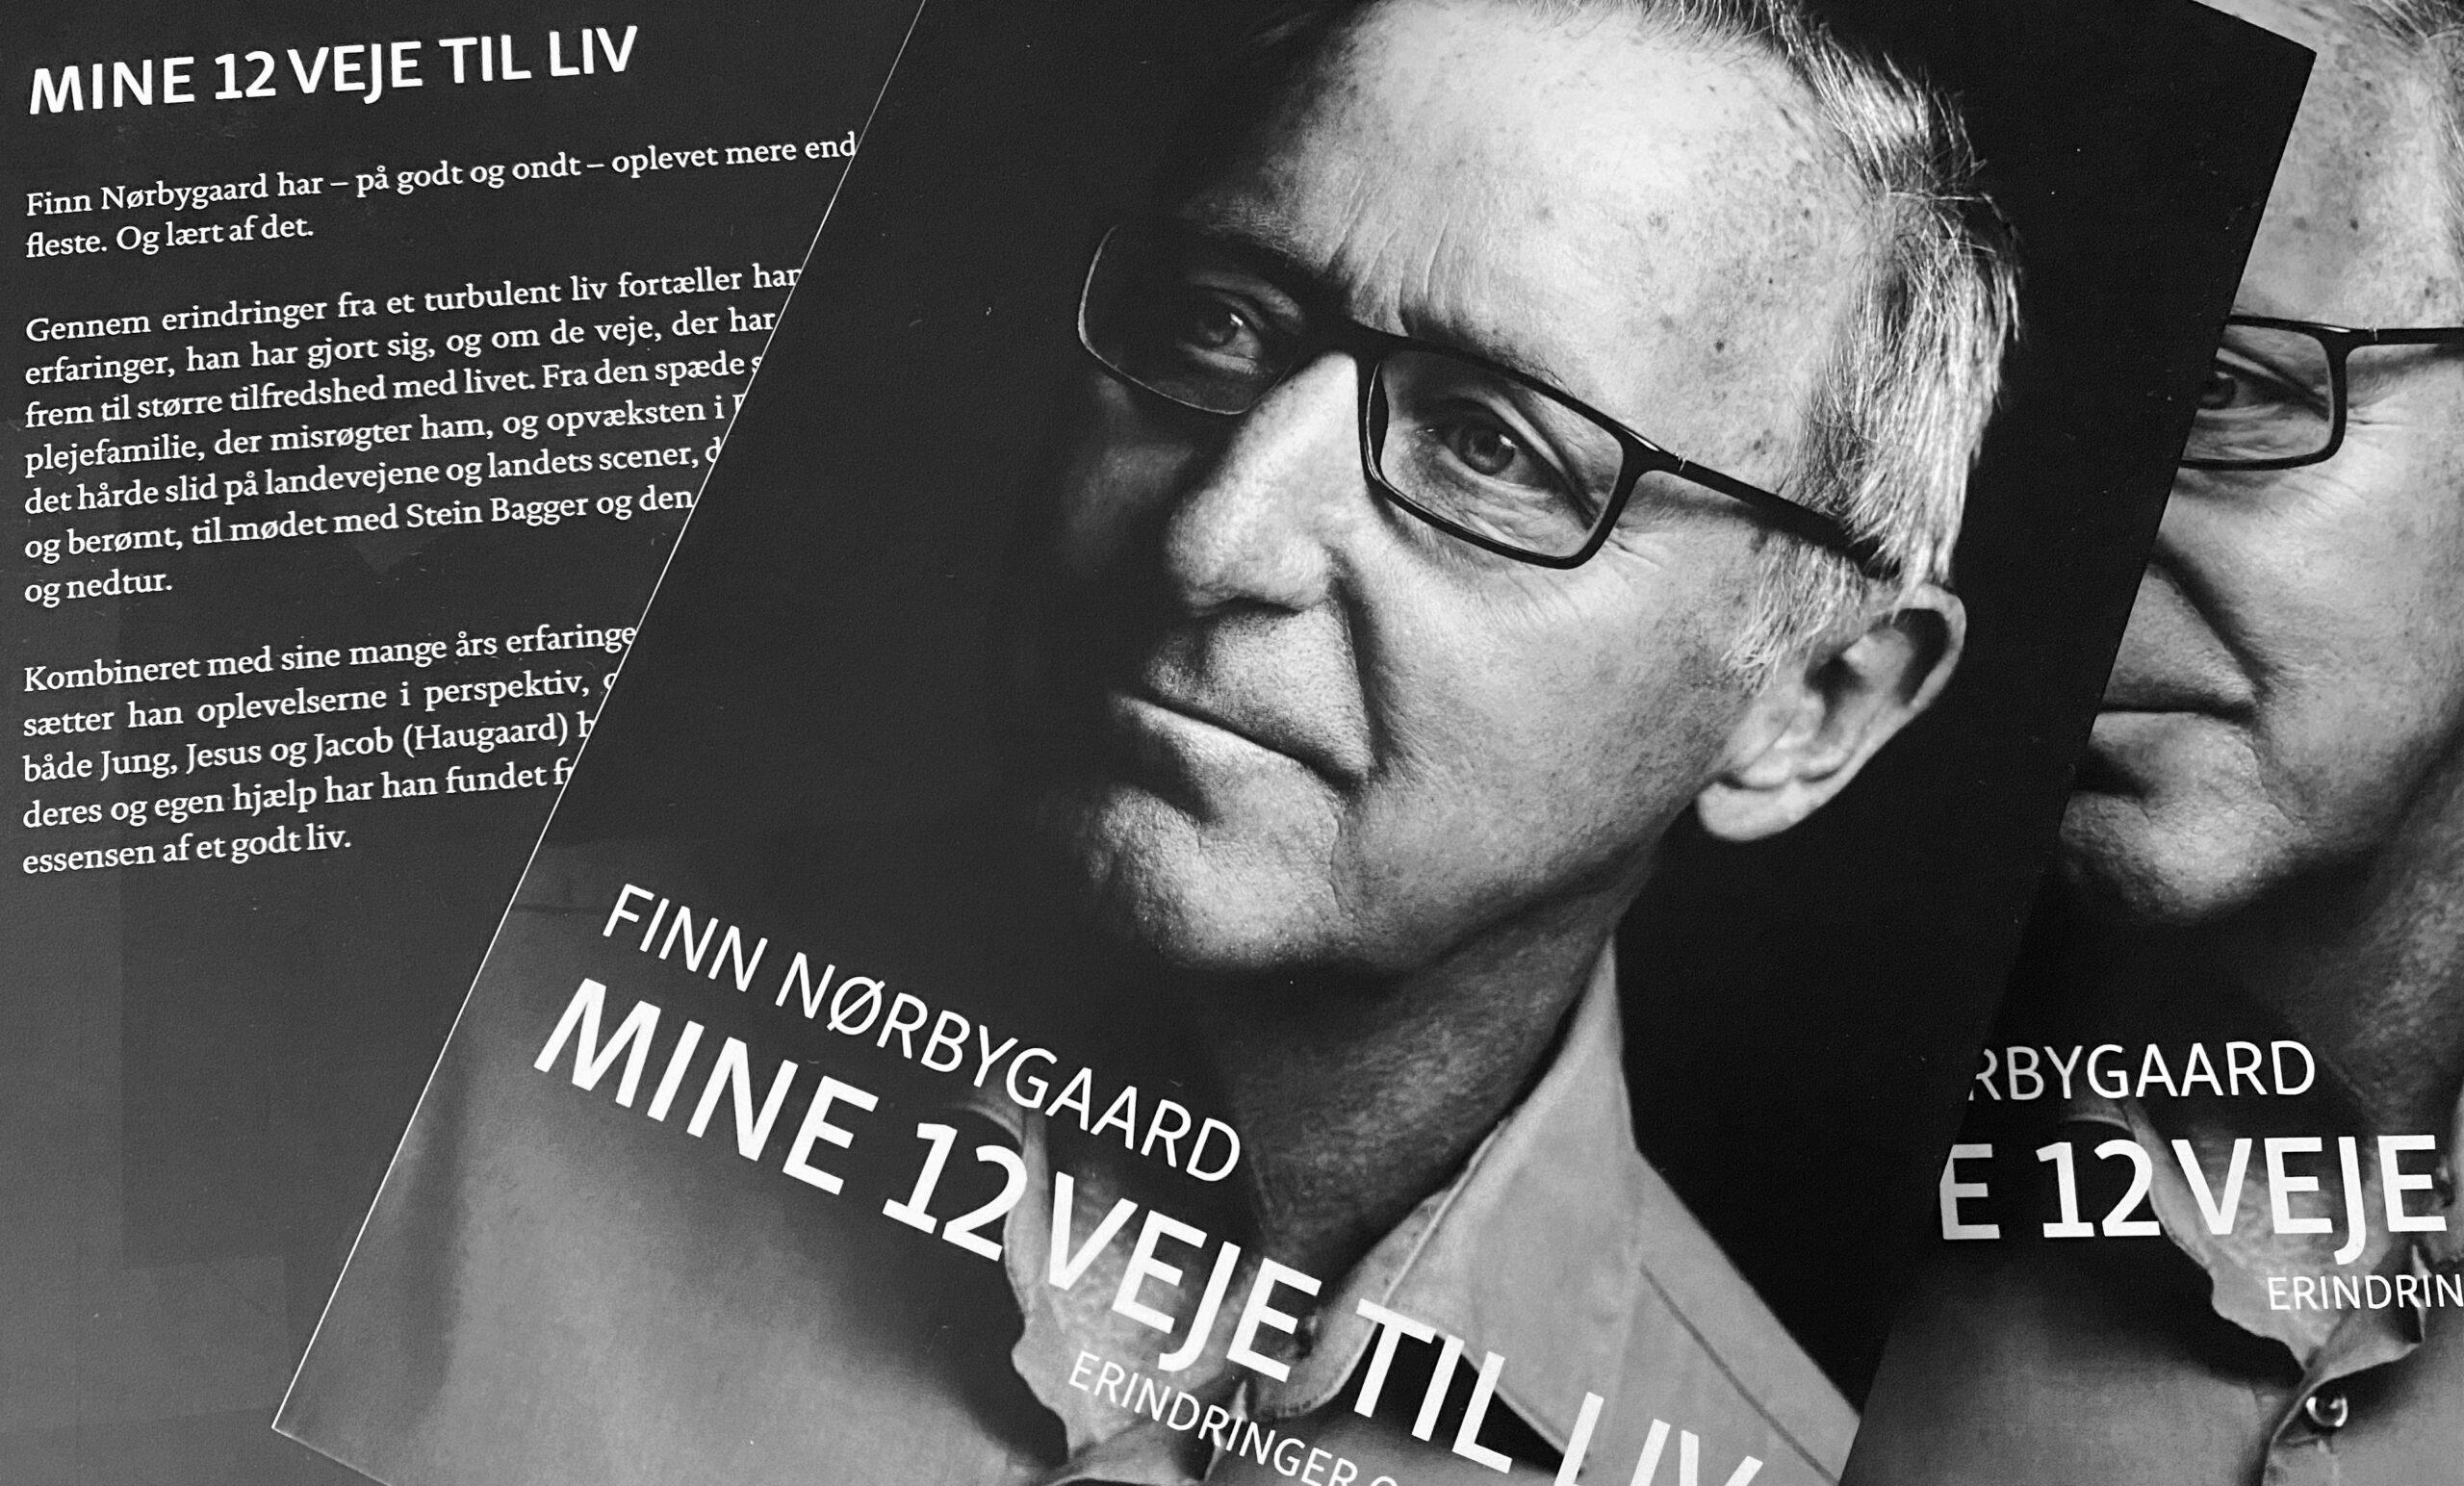 Mine 12 veje til liv – Finn Nørbygaard